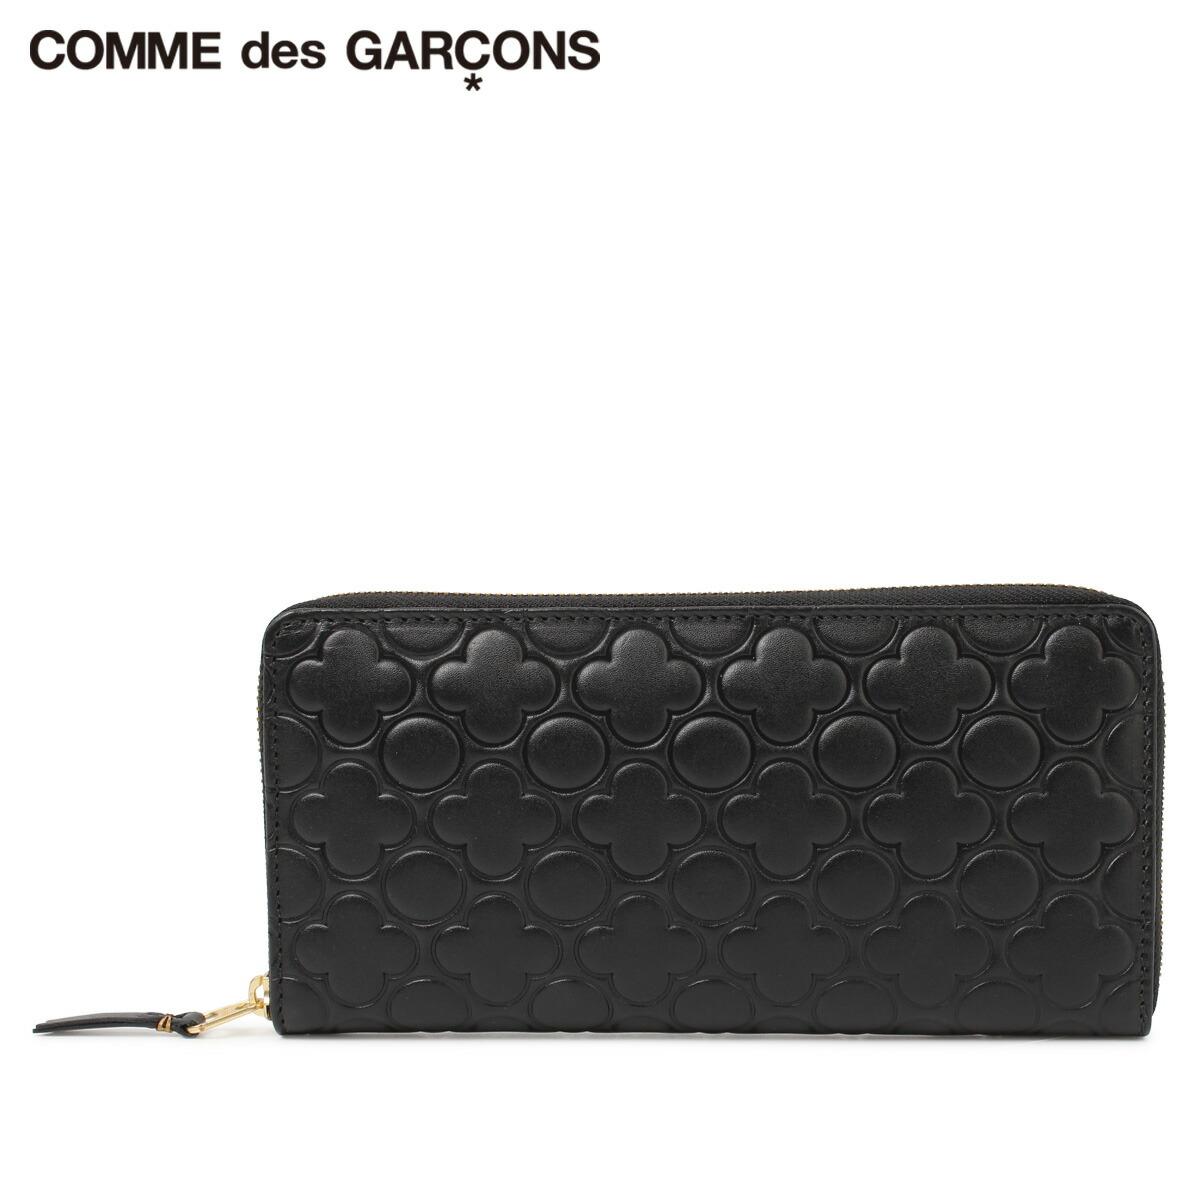 COMME des GARCONS EMBOSSED コムデギャルソン 財布 長財布 メンズ レディース ラウンドファスナー エンボス ブラック 黒 SA011EB